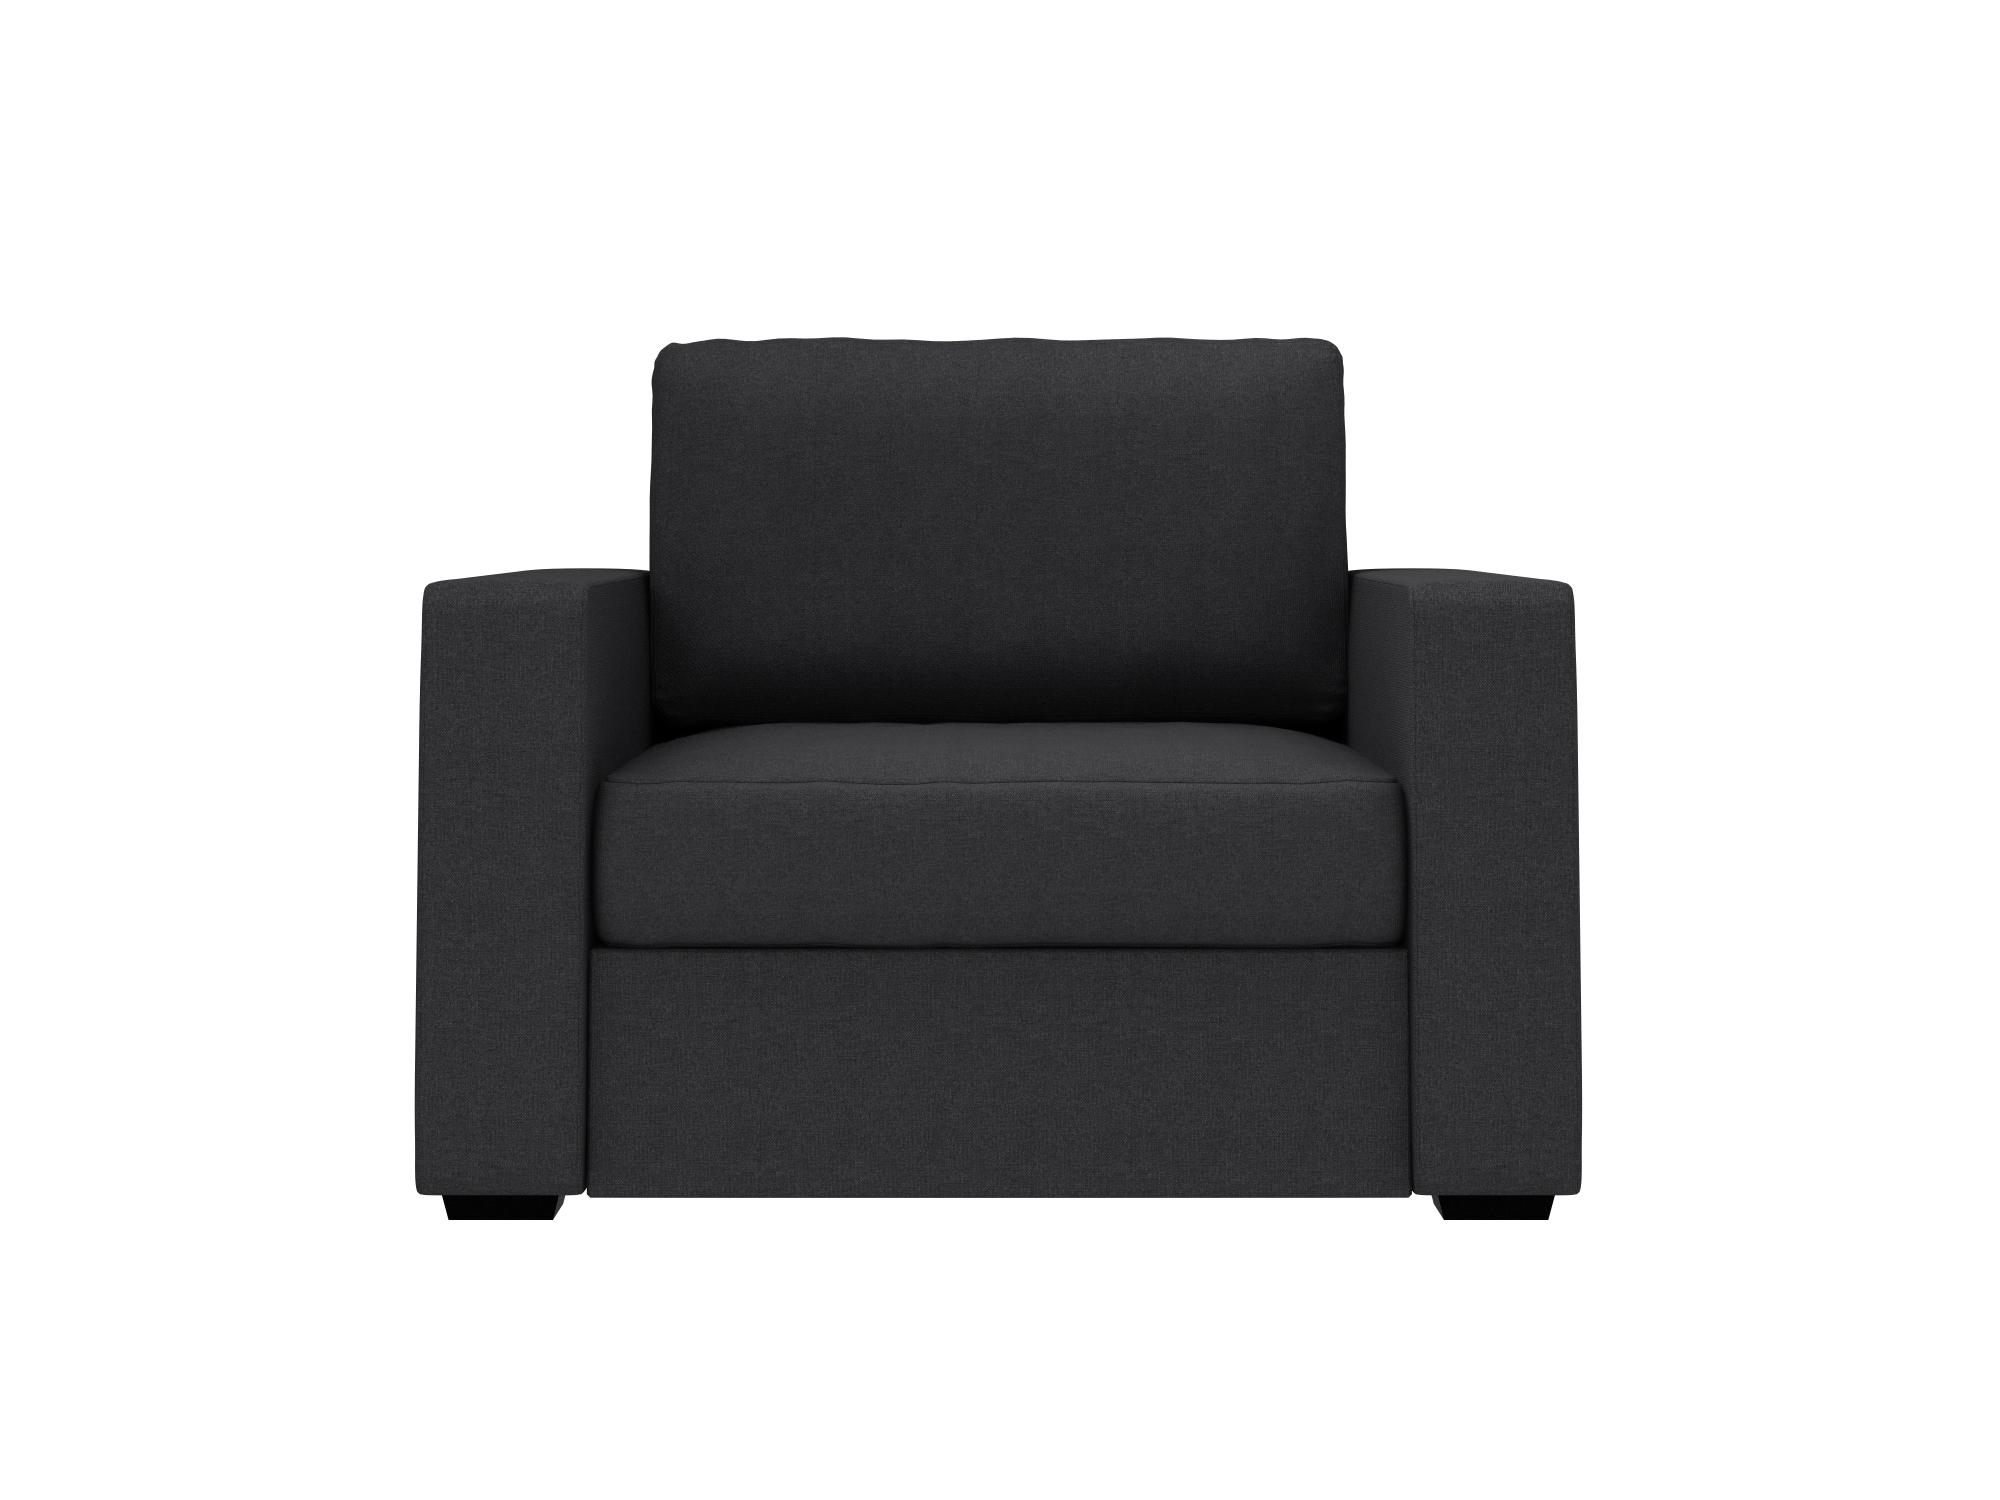 Кресло PeterИнтерьерные кресла<br>&amp;lt;div&amp;gt;Поиск по-настоящему функциональной мебели можно считатть завершенным! Ведь кресло Peter в спокойном скандинавском стиле - это не только лаконичный дизайн, практичная обивка, но и отделение для хранения. &amp;amp;nbsp; &amp;amp;nbsp; &amp;amp;nbsp; &amp;amp;nbsp; &amp;amp;nbsp; &amp;amp;nbsp; &amp;amp;nbsp; &amp;amp;nbsp; &amp;amp;nbsp; &amp;amp;nbsp; &amp;amp;nbsp;&amp;lt;/div&amp;gt;&amp;lt;div&amp;gt;&amp;lt;br&amp;gt;&amp;lt;/div&amp;gt;&amp;lt;div&amp;gt;Каркас: деревянный брус, фанера, ЛДСП.&amp;lt;/div&amp;gt;&amp;lt;div&amp;gt;Подушки: синтетическое волокно «синтепух», &amp;amp;nbsp;пенополиуретан.&amp;lt;/div&amp;gt;&amp;lt;div&amp;gt;Габариты сиденья:76 см х 75 см х 45 см&amp;lt;/div&amp;gt;<br><br>Material: Текстиль<br>Width см: 112,5<br>Depth см: 96<br>Height см: 88